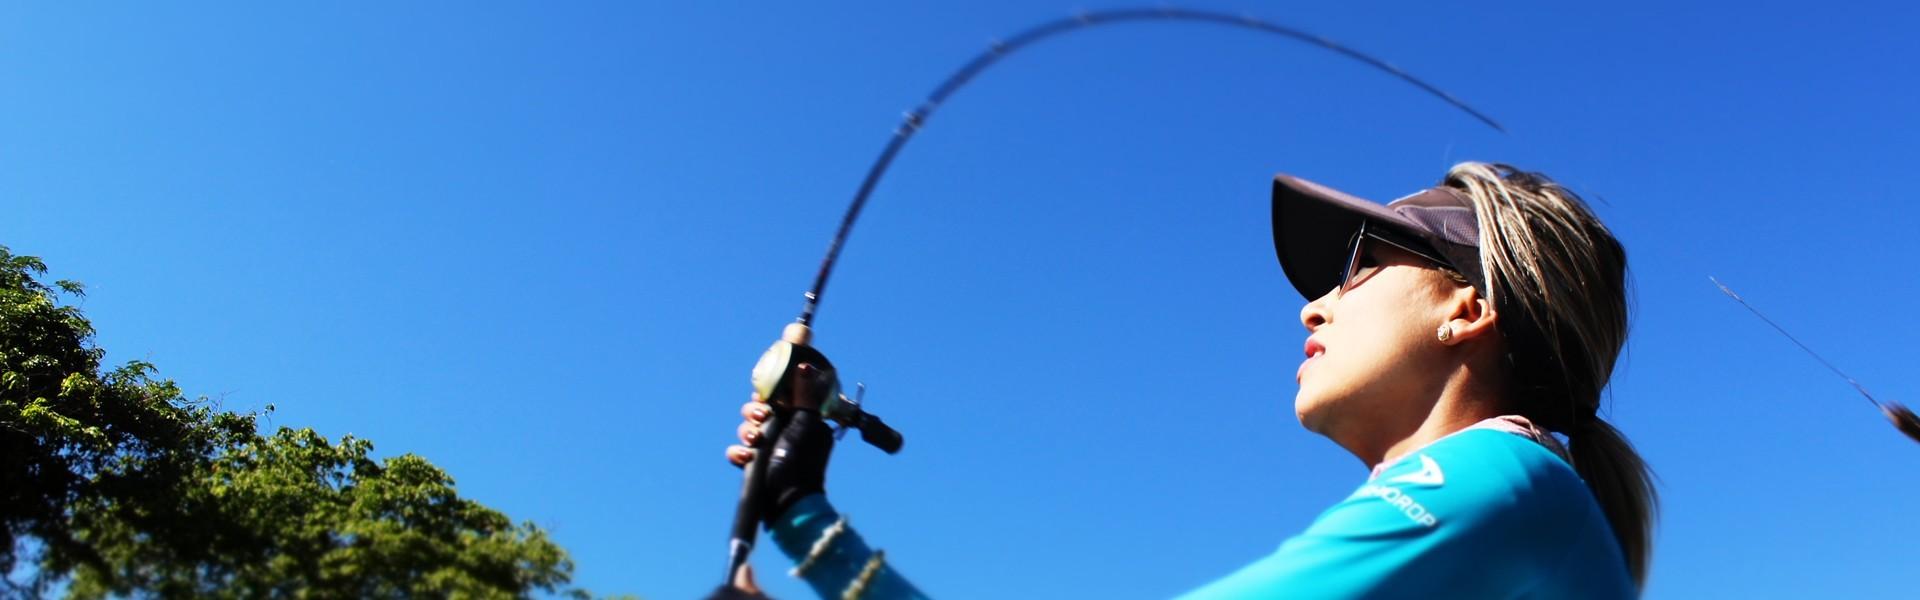 Laís Vanessa: Da profissão de jornalista à paixão pela pesca